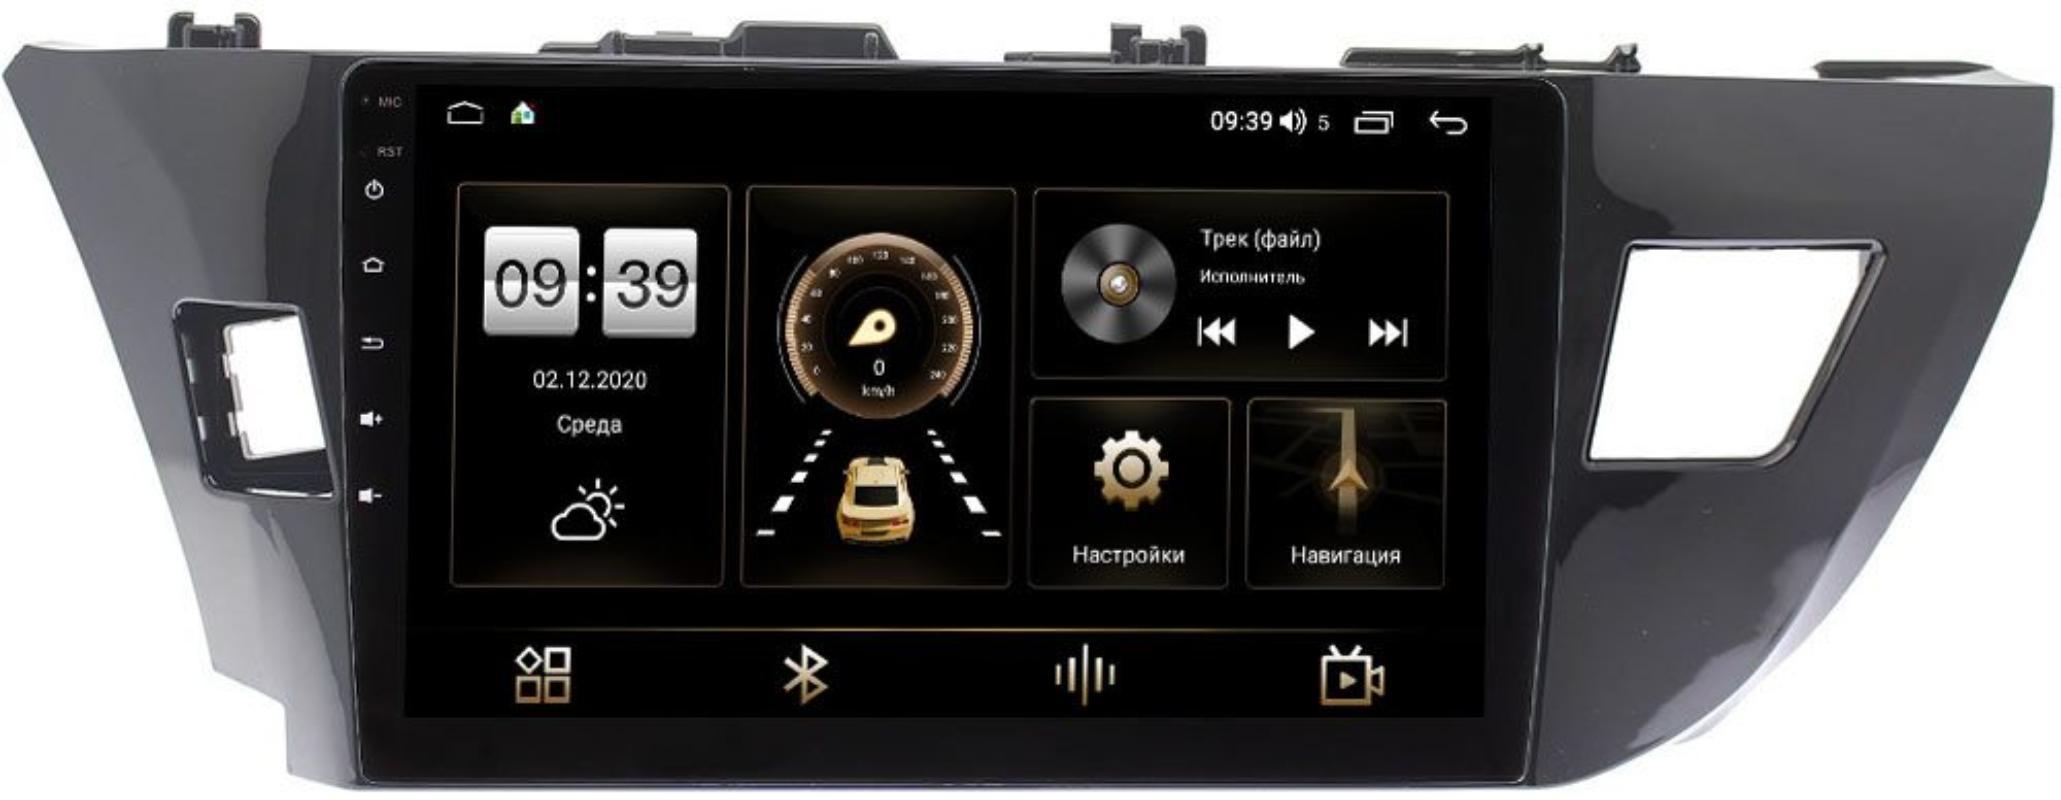 Штатная магнитола Toyota Corolla XI 2013-2015 LeTrun 4165-1026 на Android 10 (4G-SIM, 3/32, DSP, QLed) (для авто с камерой) (+ Камера заднего вида в подарок!)